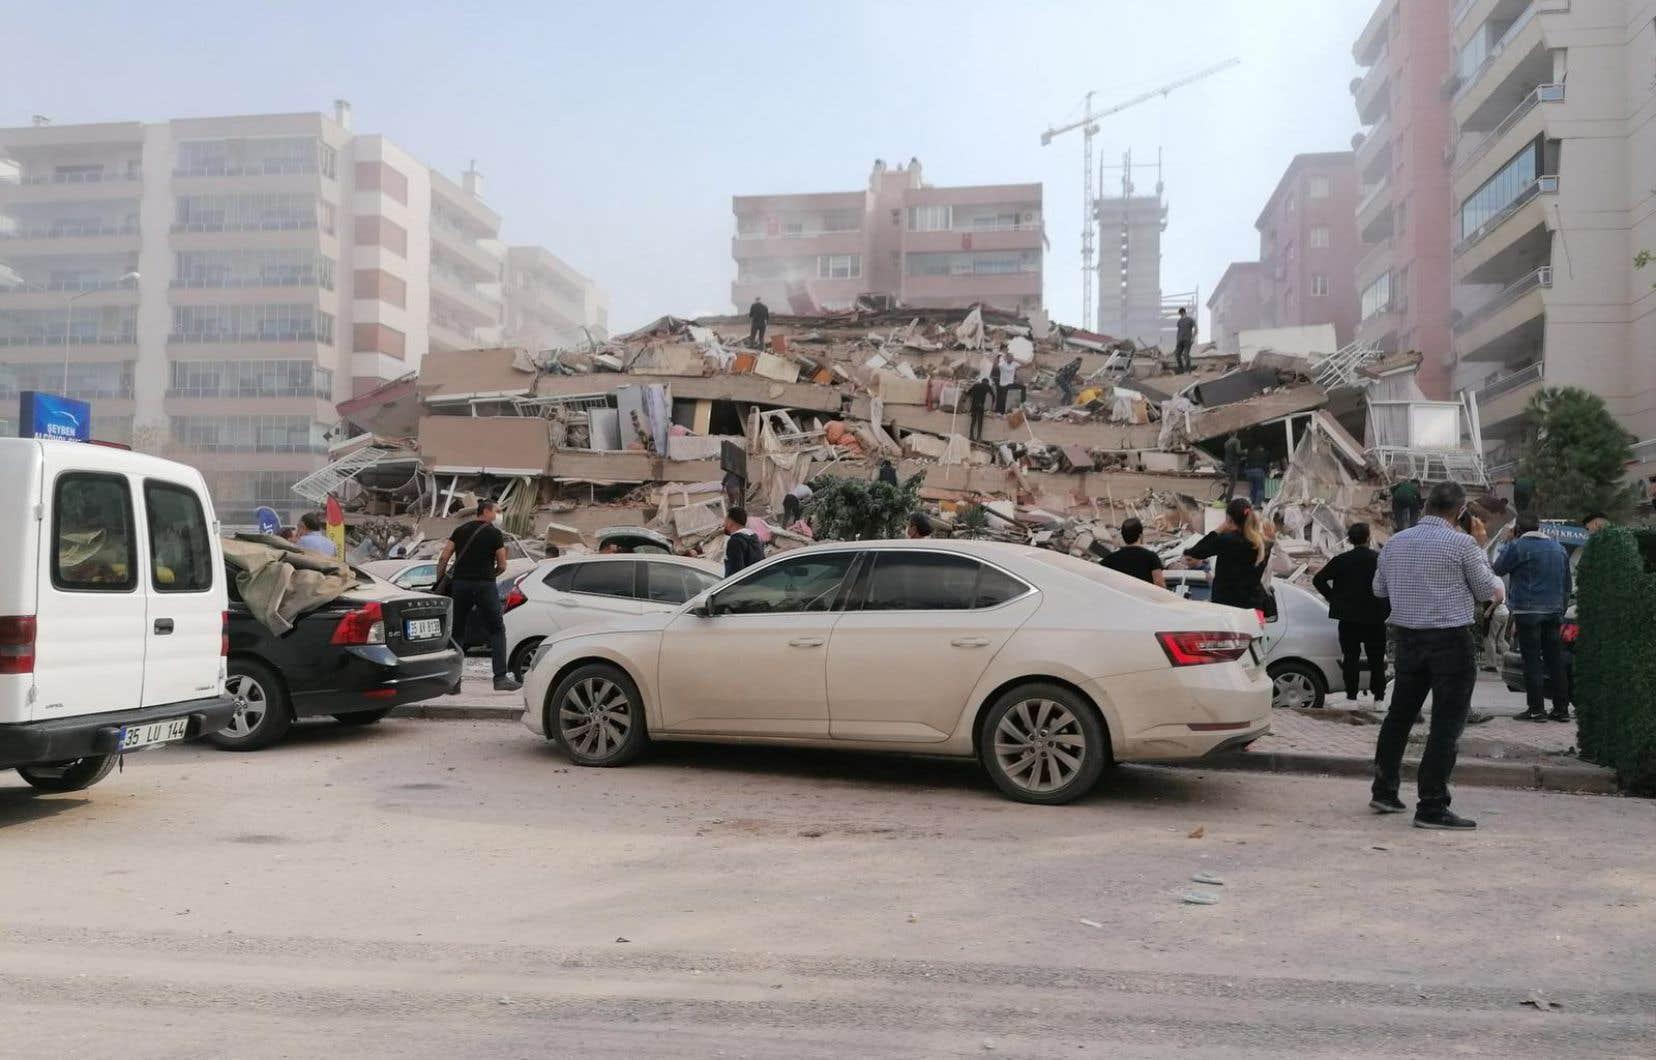 La secousse s'est produite en mer Égée, au sud-ouest d'Izmir, troisième plus grande ville de Turquie.